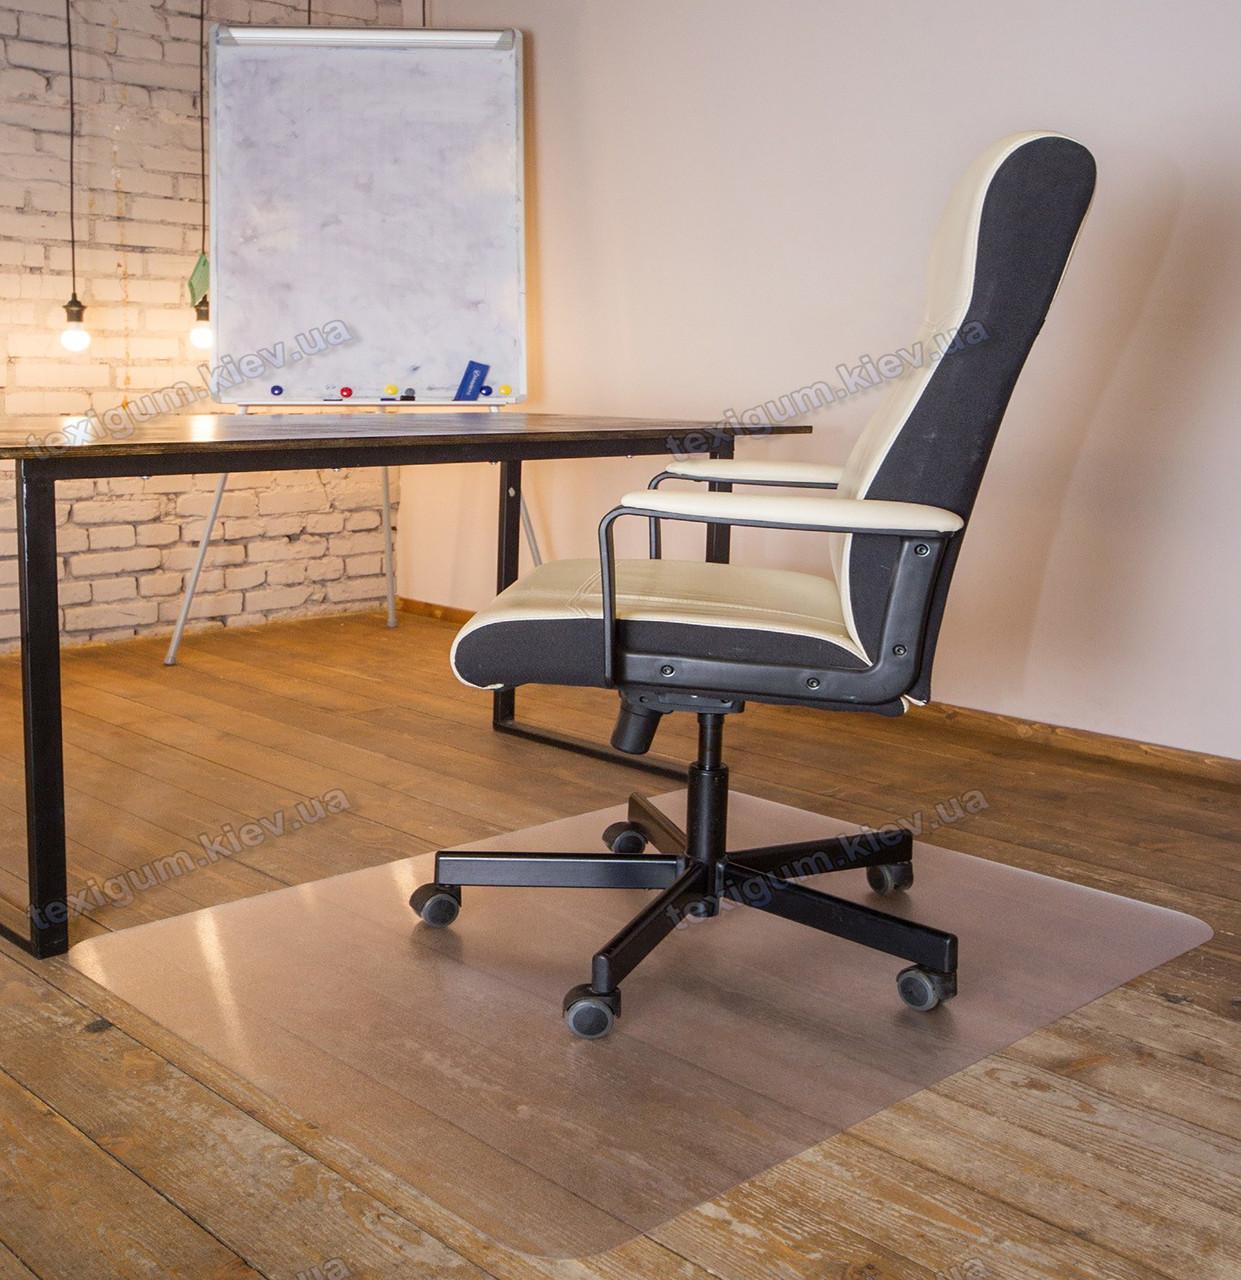 Ковер под кресло защитный прозрачный 100х120см Чехия. Толщина 2,0мм